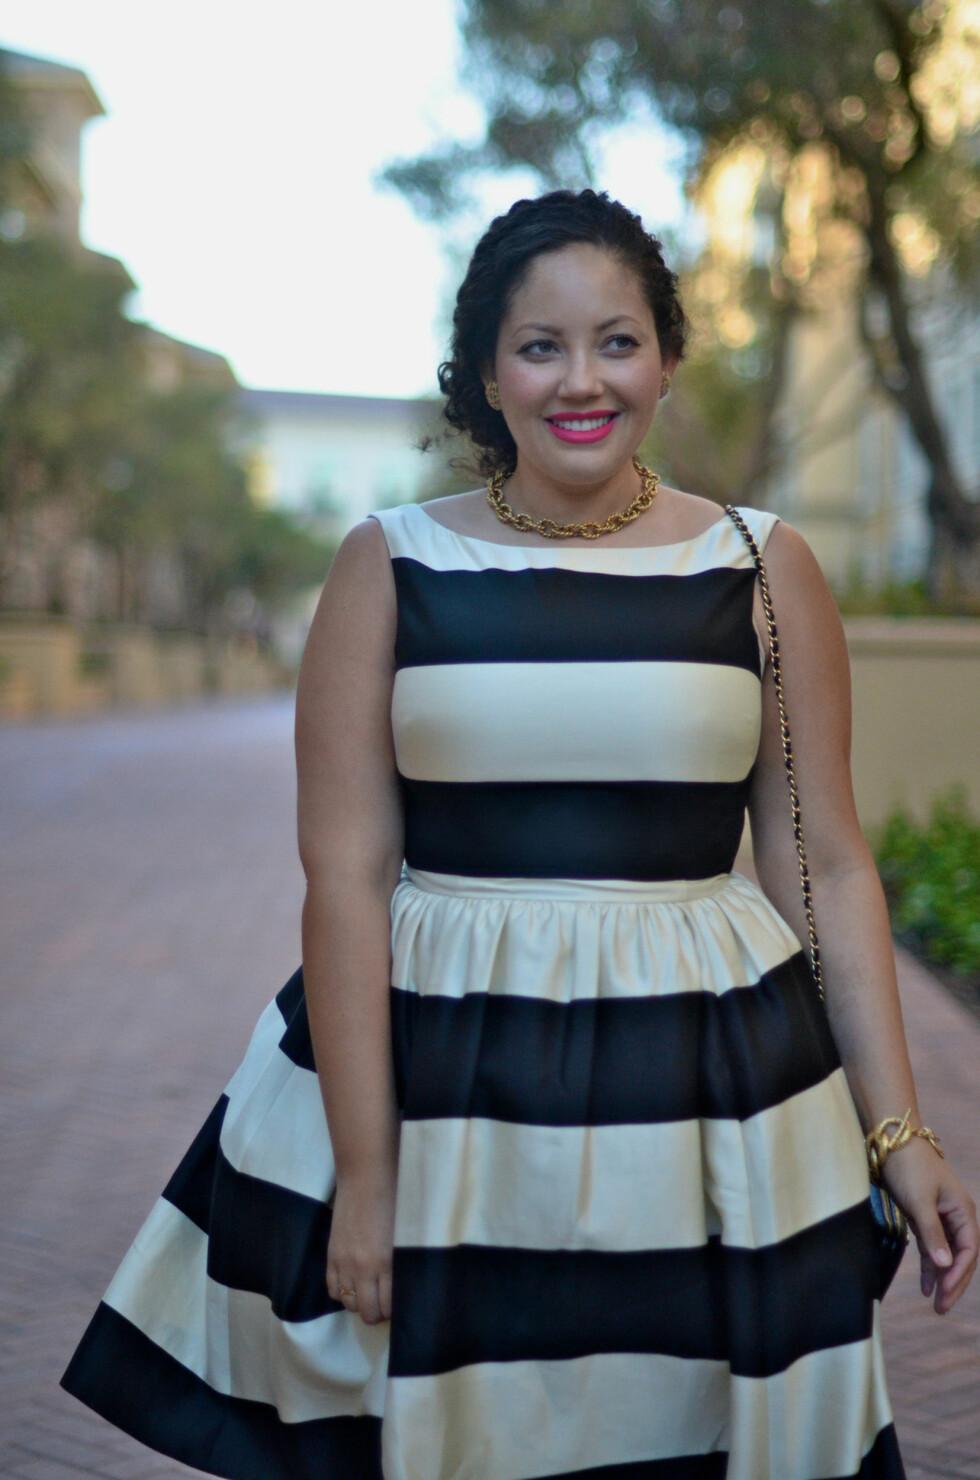 I MOTEBRANSJEN: Tanesha er skribent for diverse amerikanske mote- og skjønnhetsmagasiner. Foto: Girl with Curves